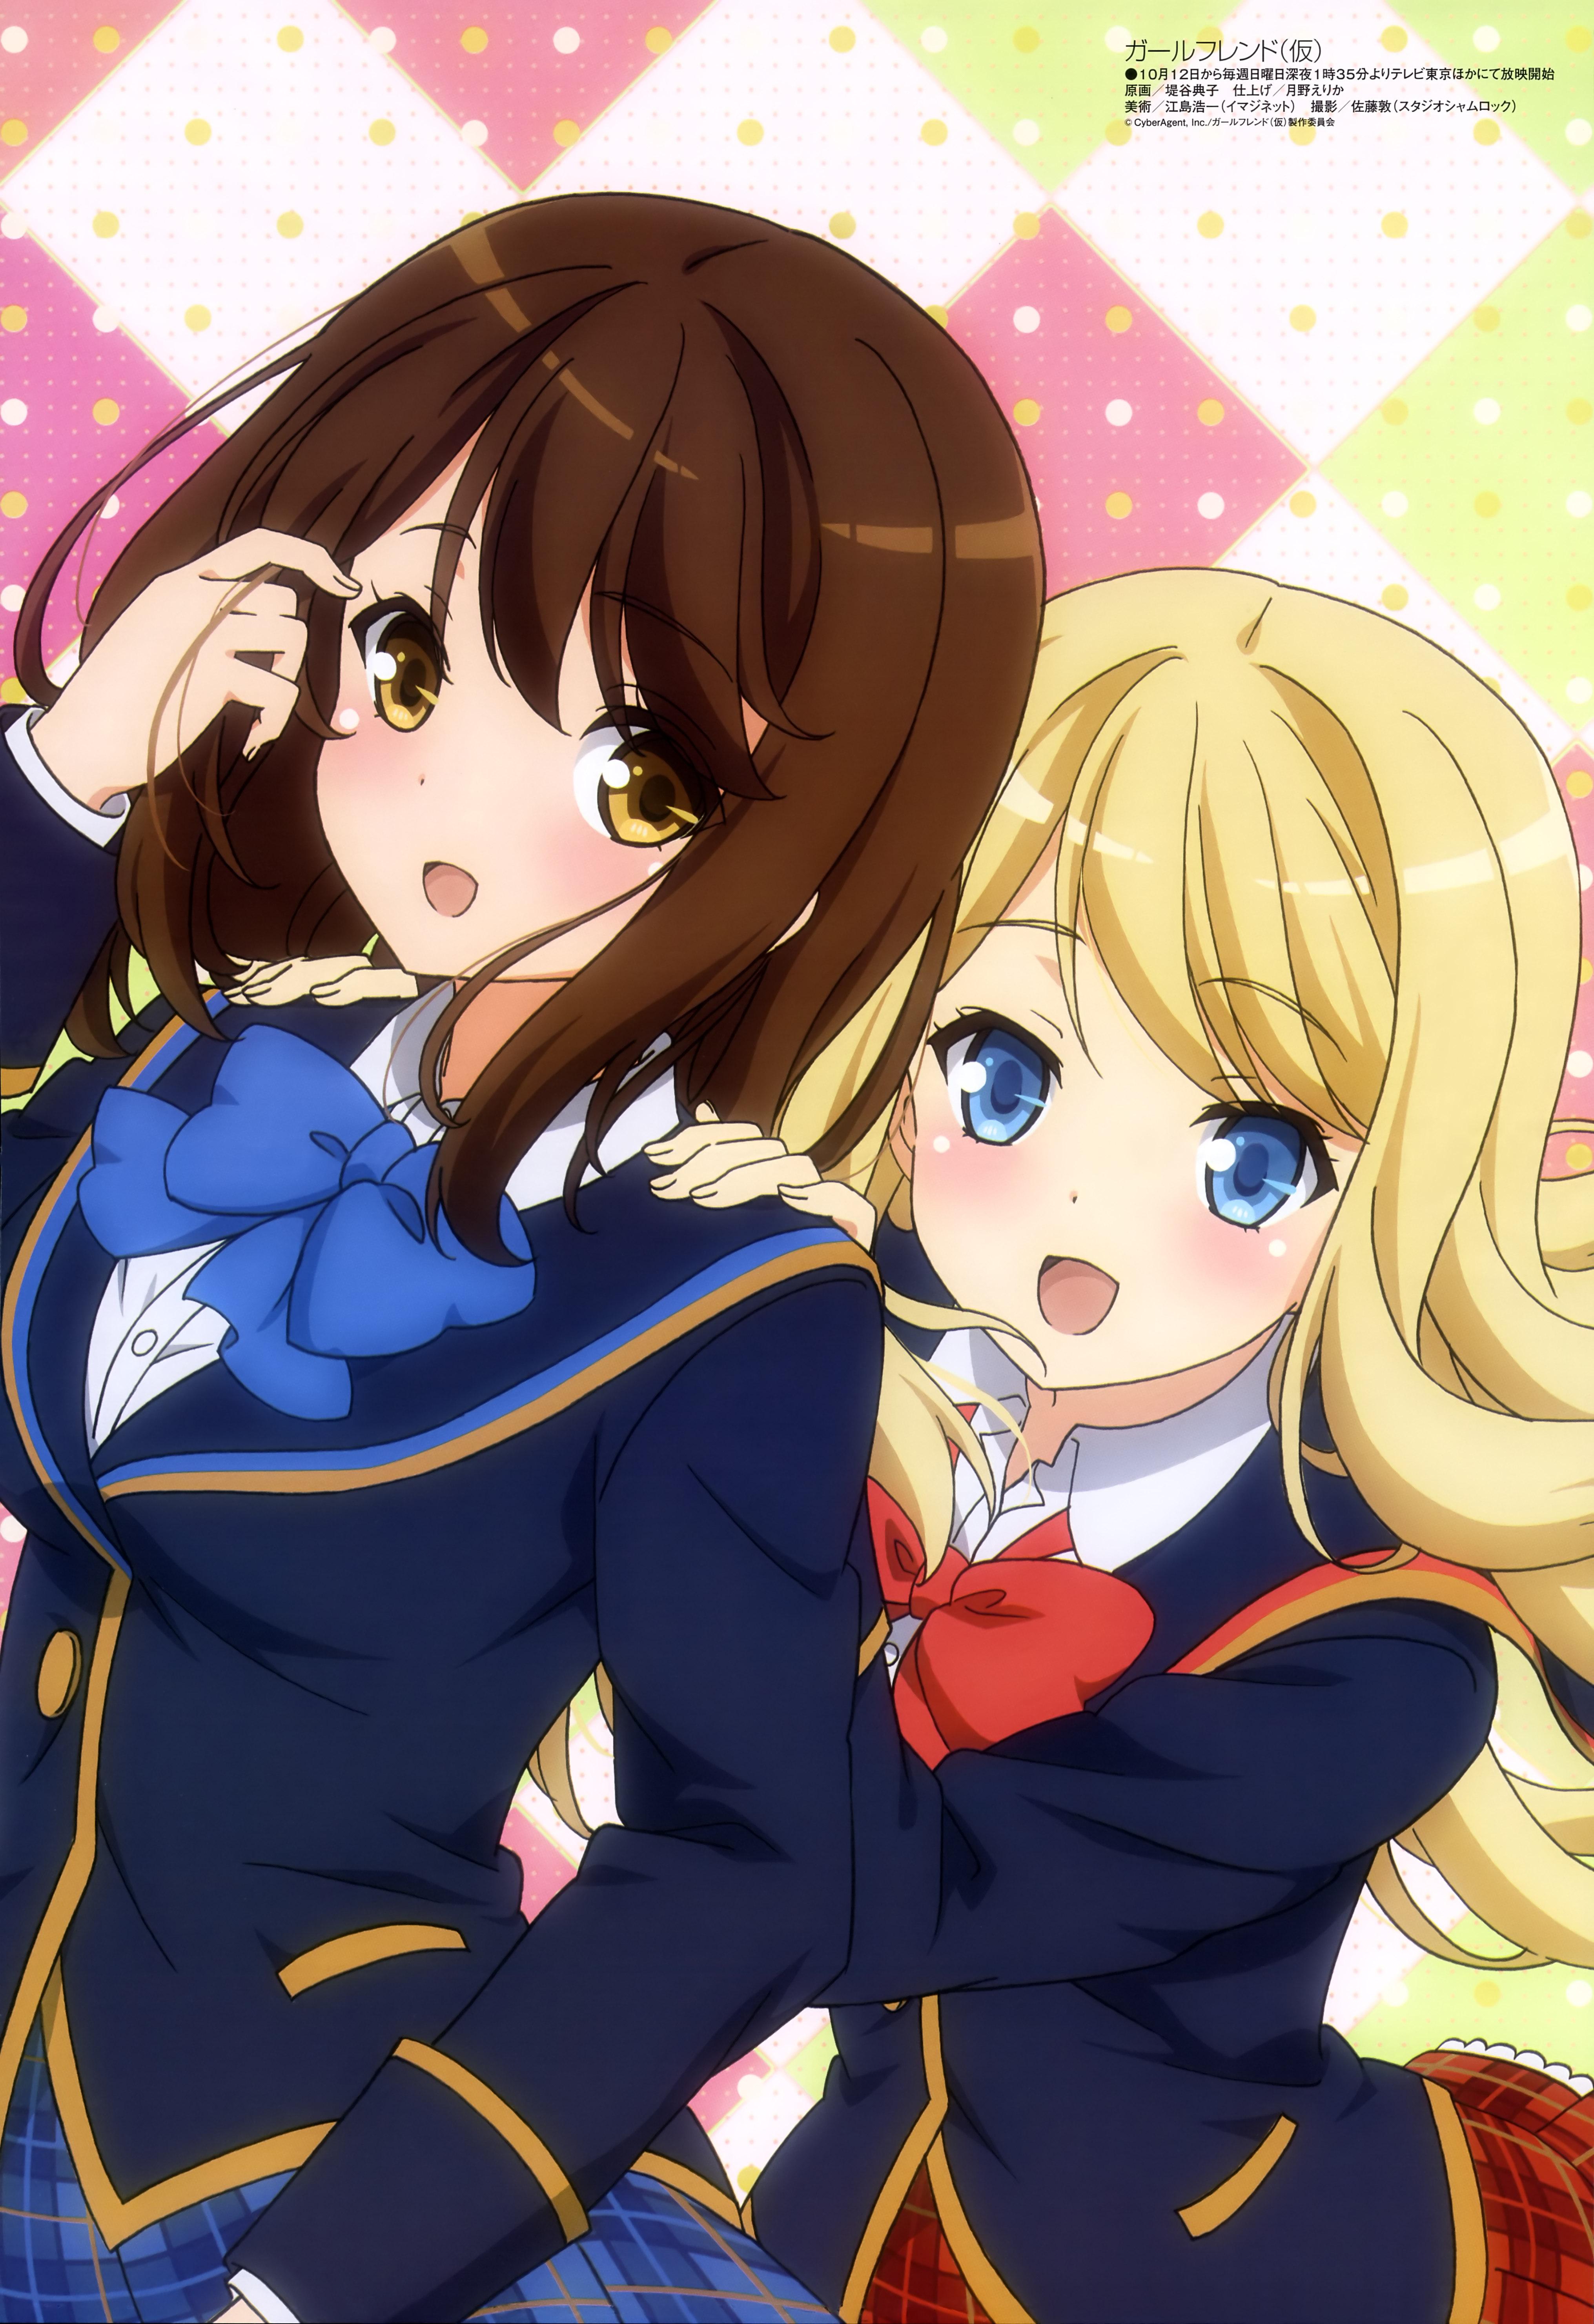 Haruhichan.com Megami MAGAZINE November 2014 posters chloe_lemaire girlfriend_(kari) seifuku shiina_kokomi tsutsumiya_noriko